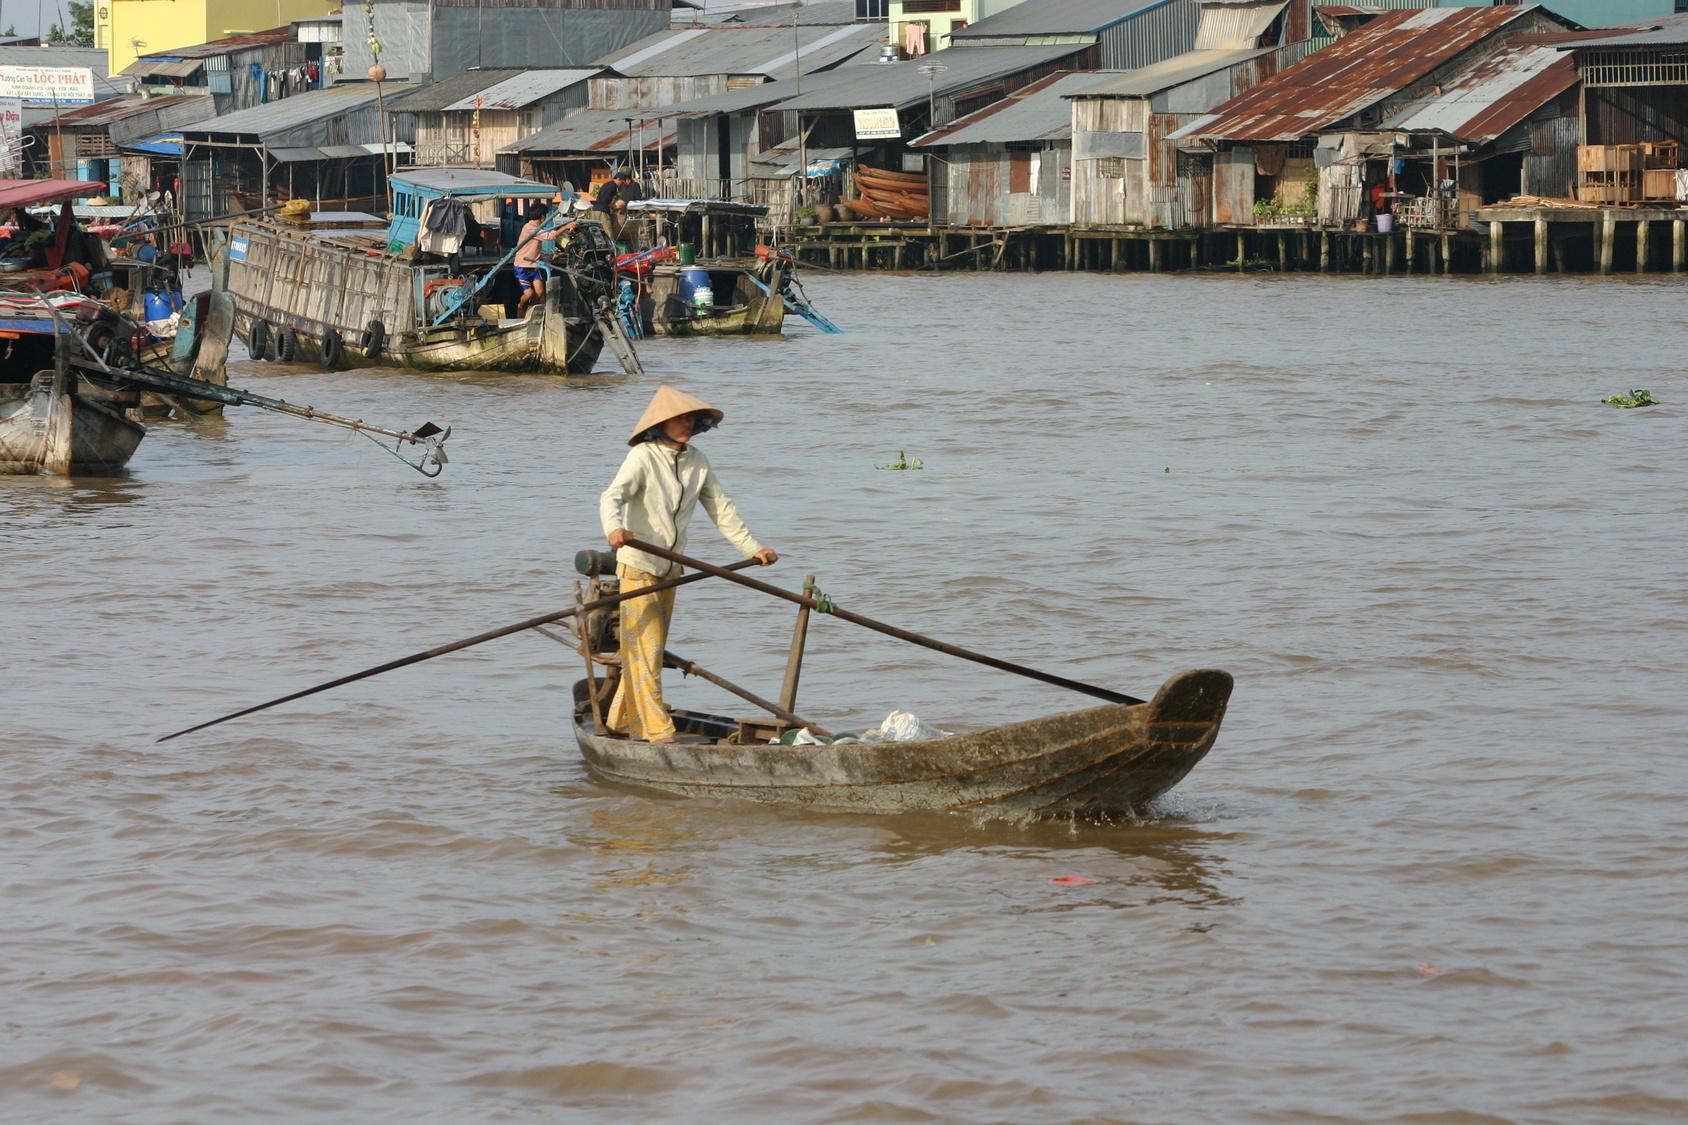 River Boat 5246690